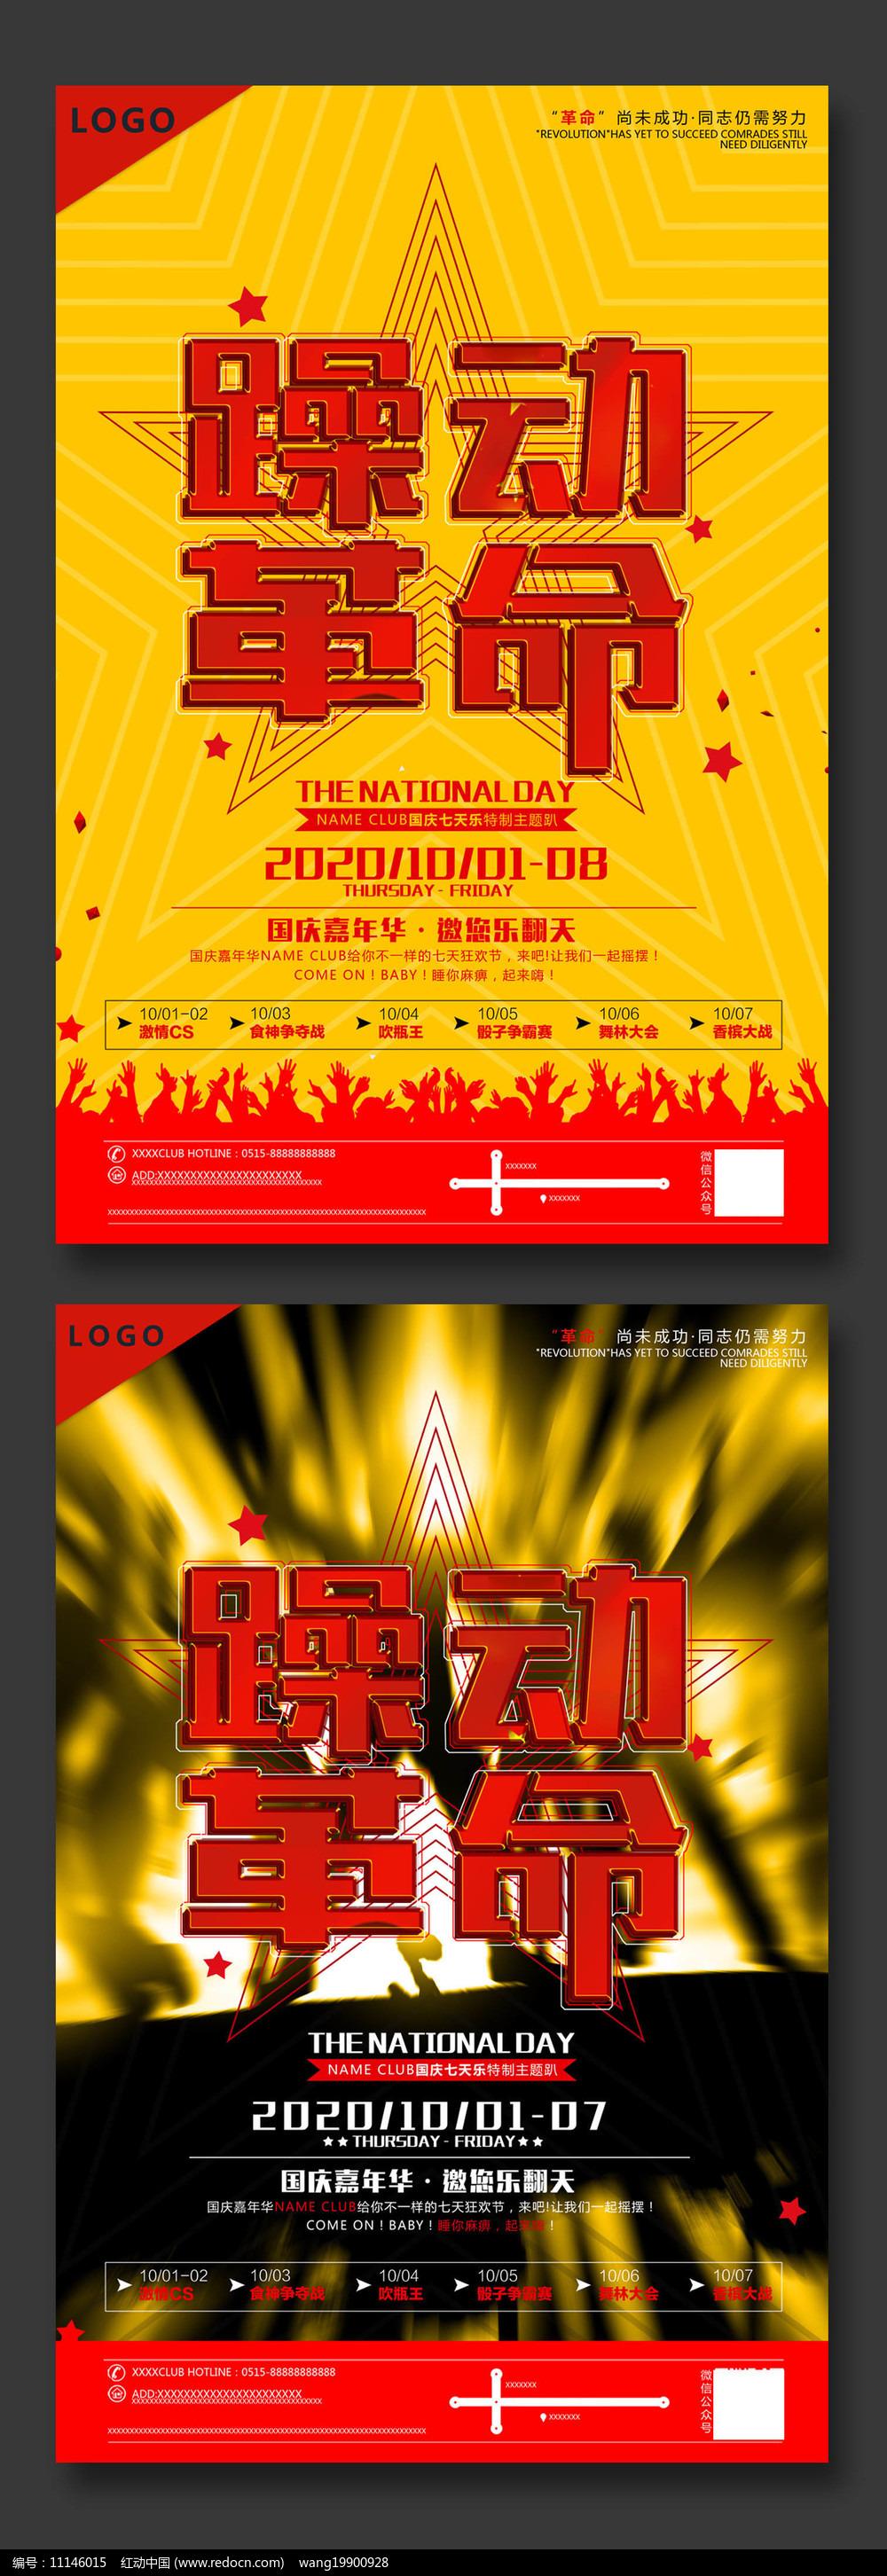 时尚创意国庆七天乐海报设计图片